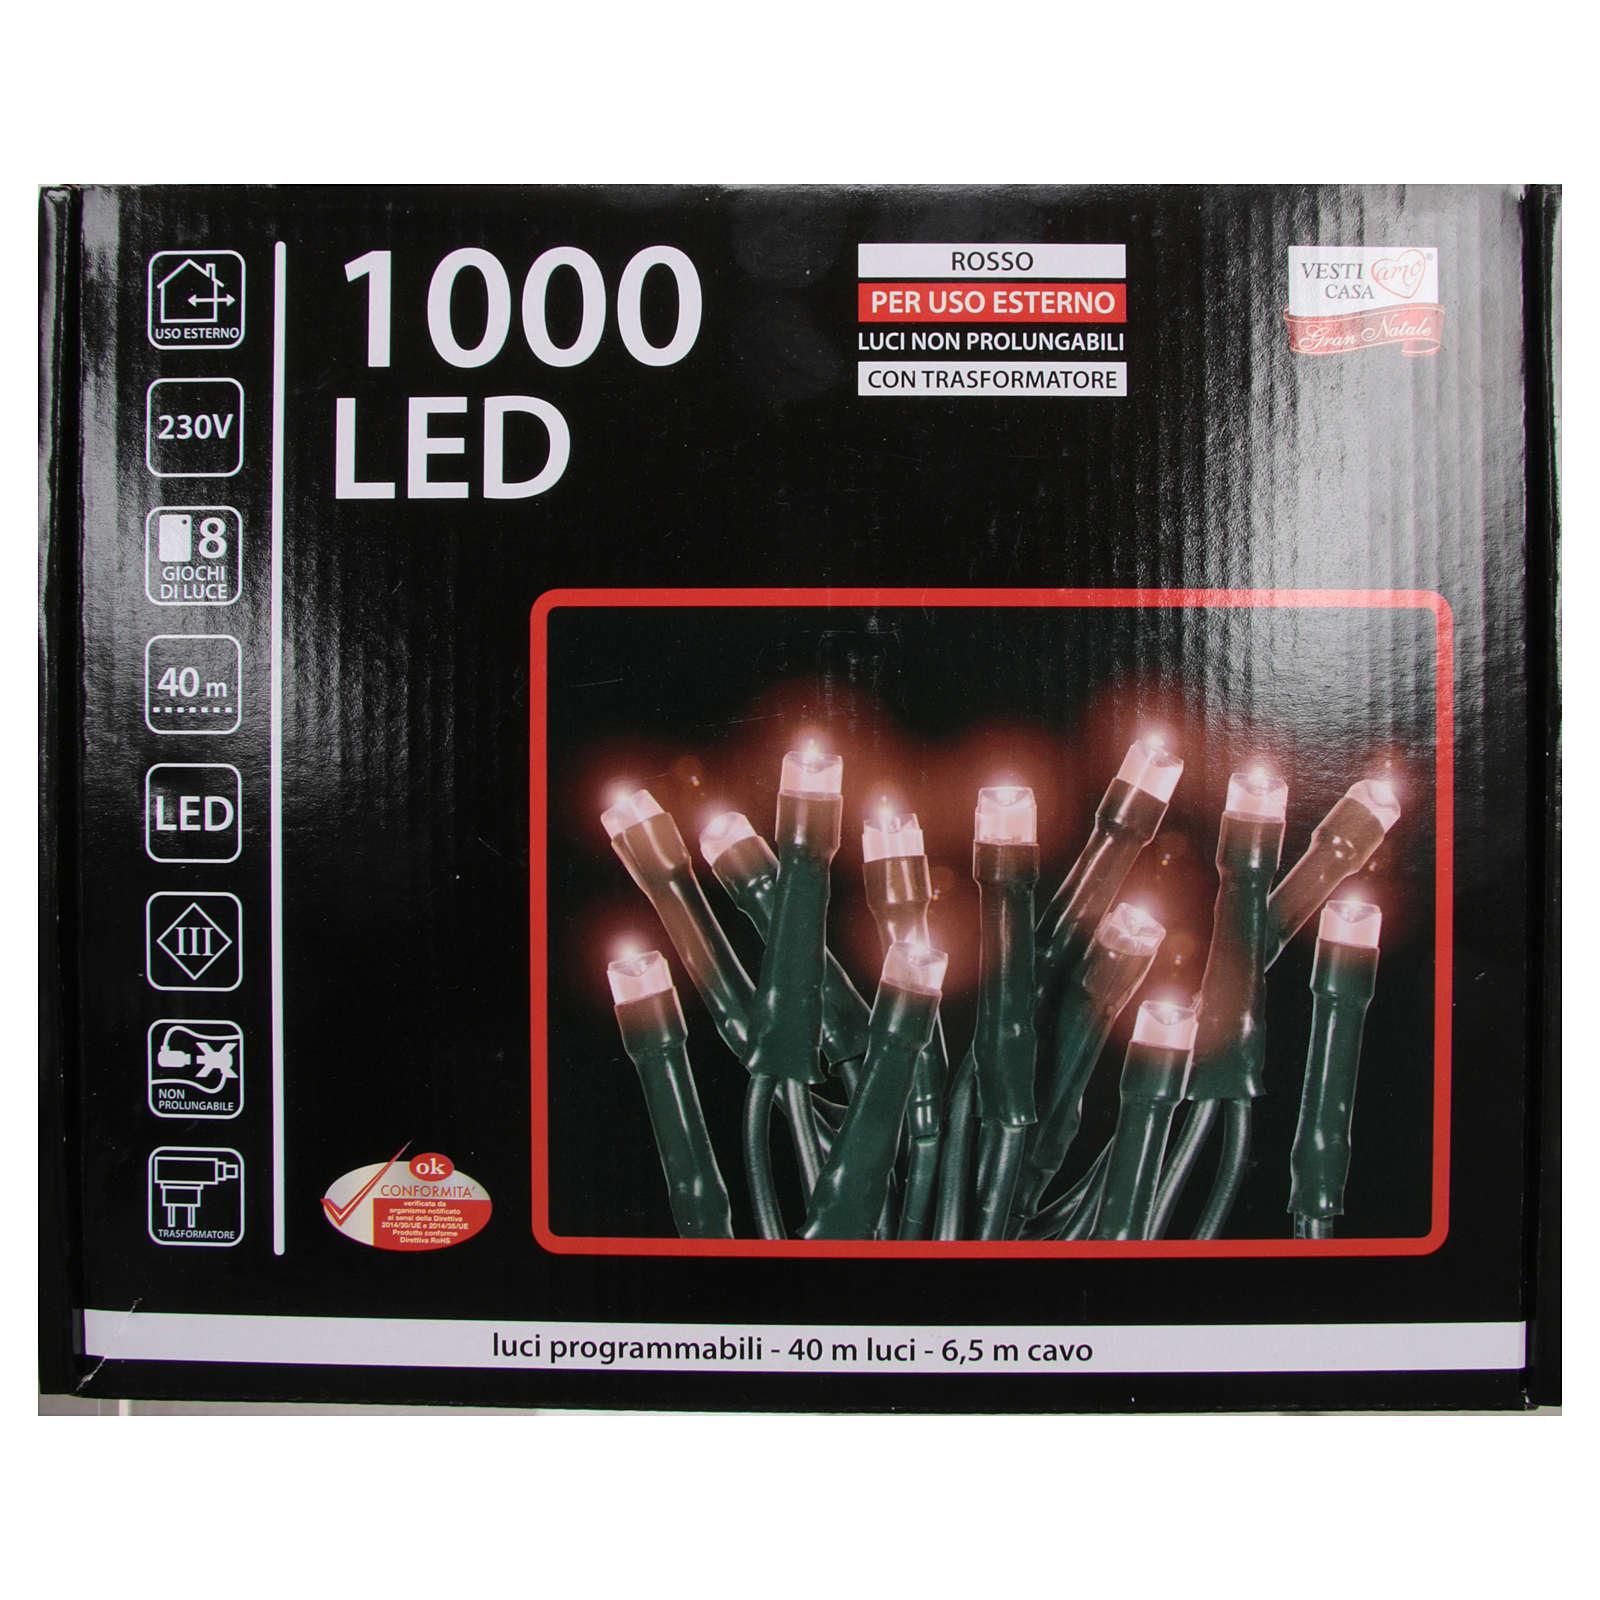 Luce Natale catena 1000 LED rosso ESTERNO programmabili 3